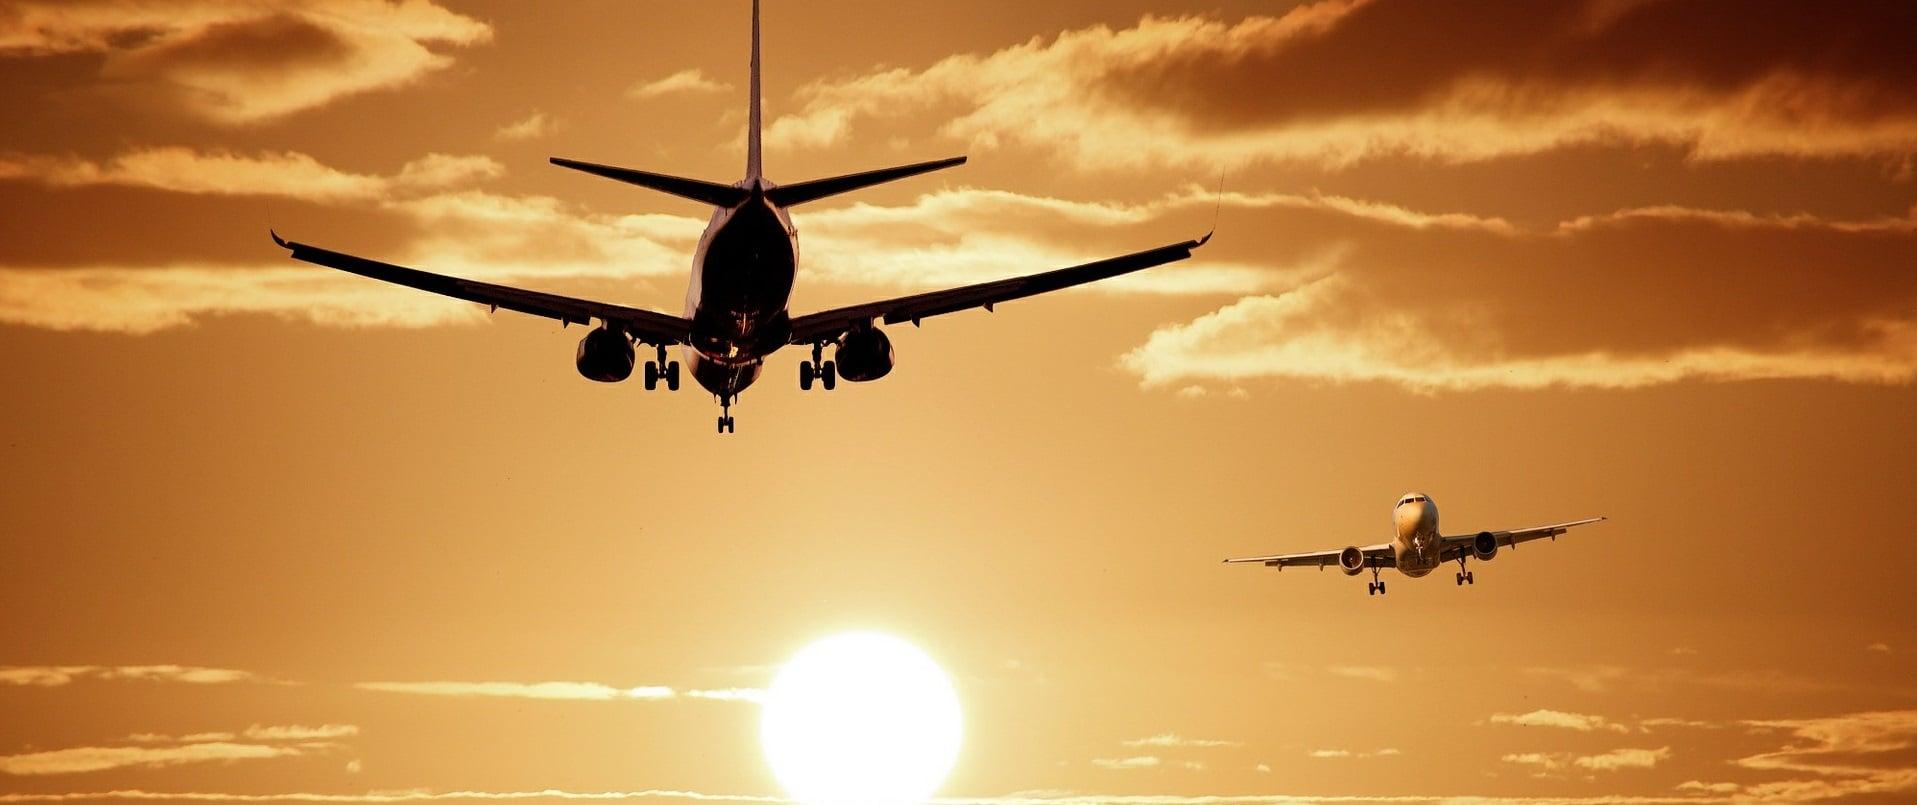 fly og hotel